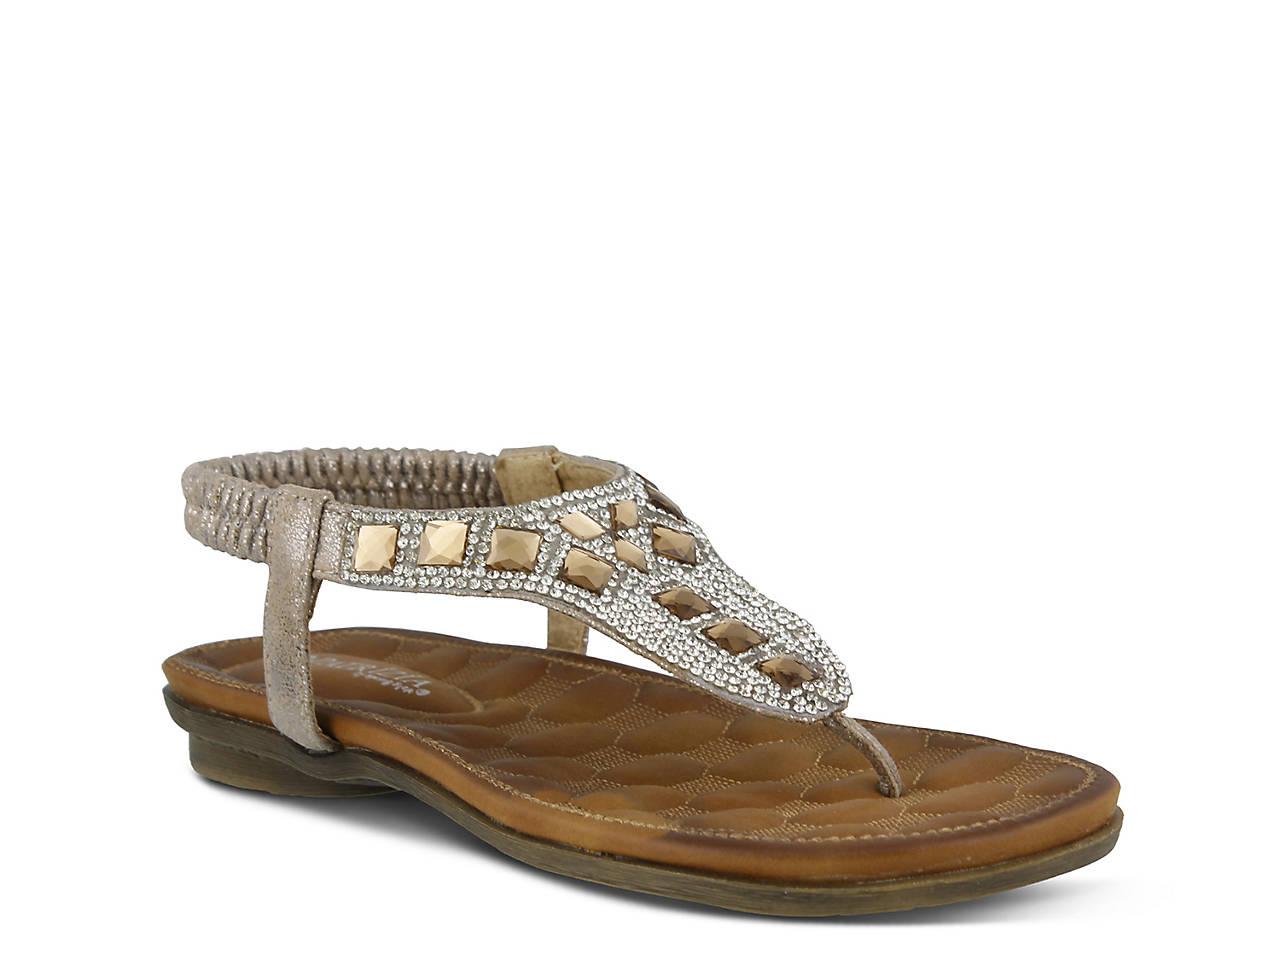 02bae79c7361 Patrizia by Spring Step Renata Flat Sandal Women s Shoes